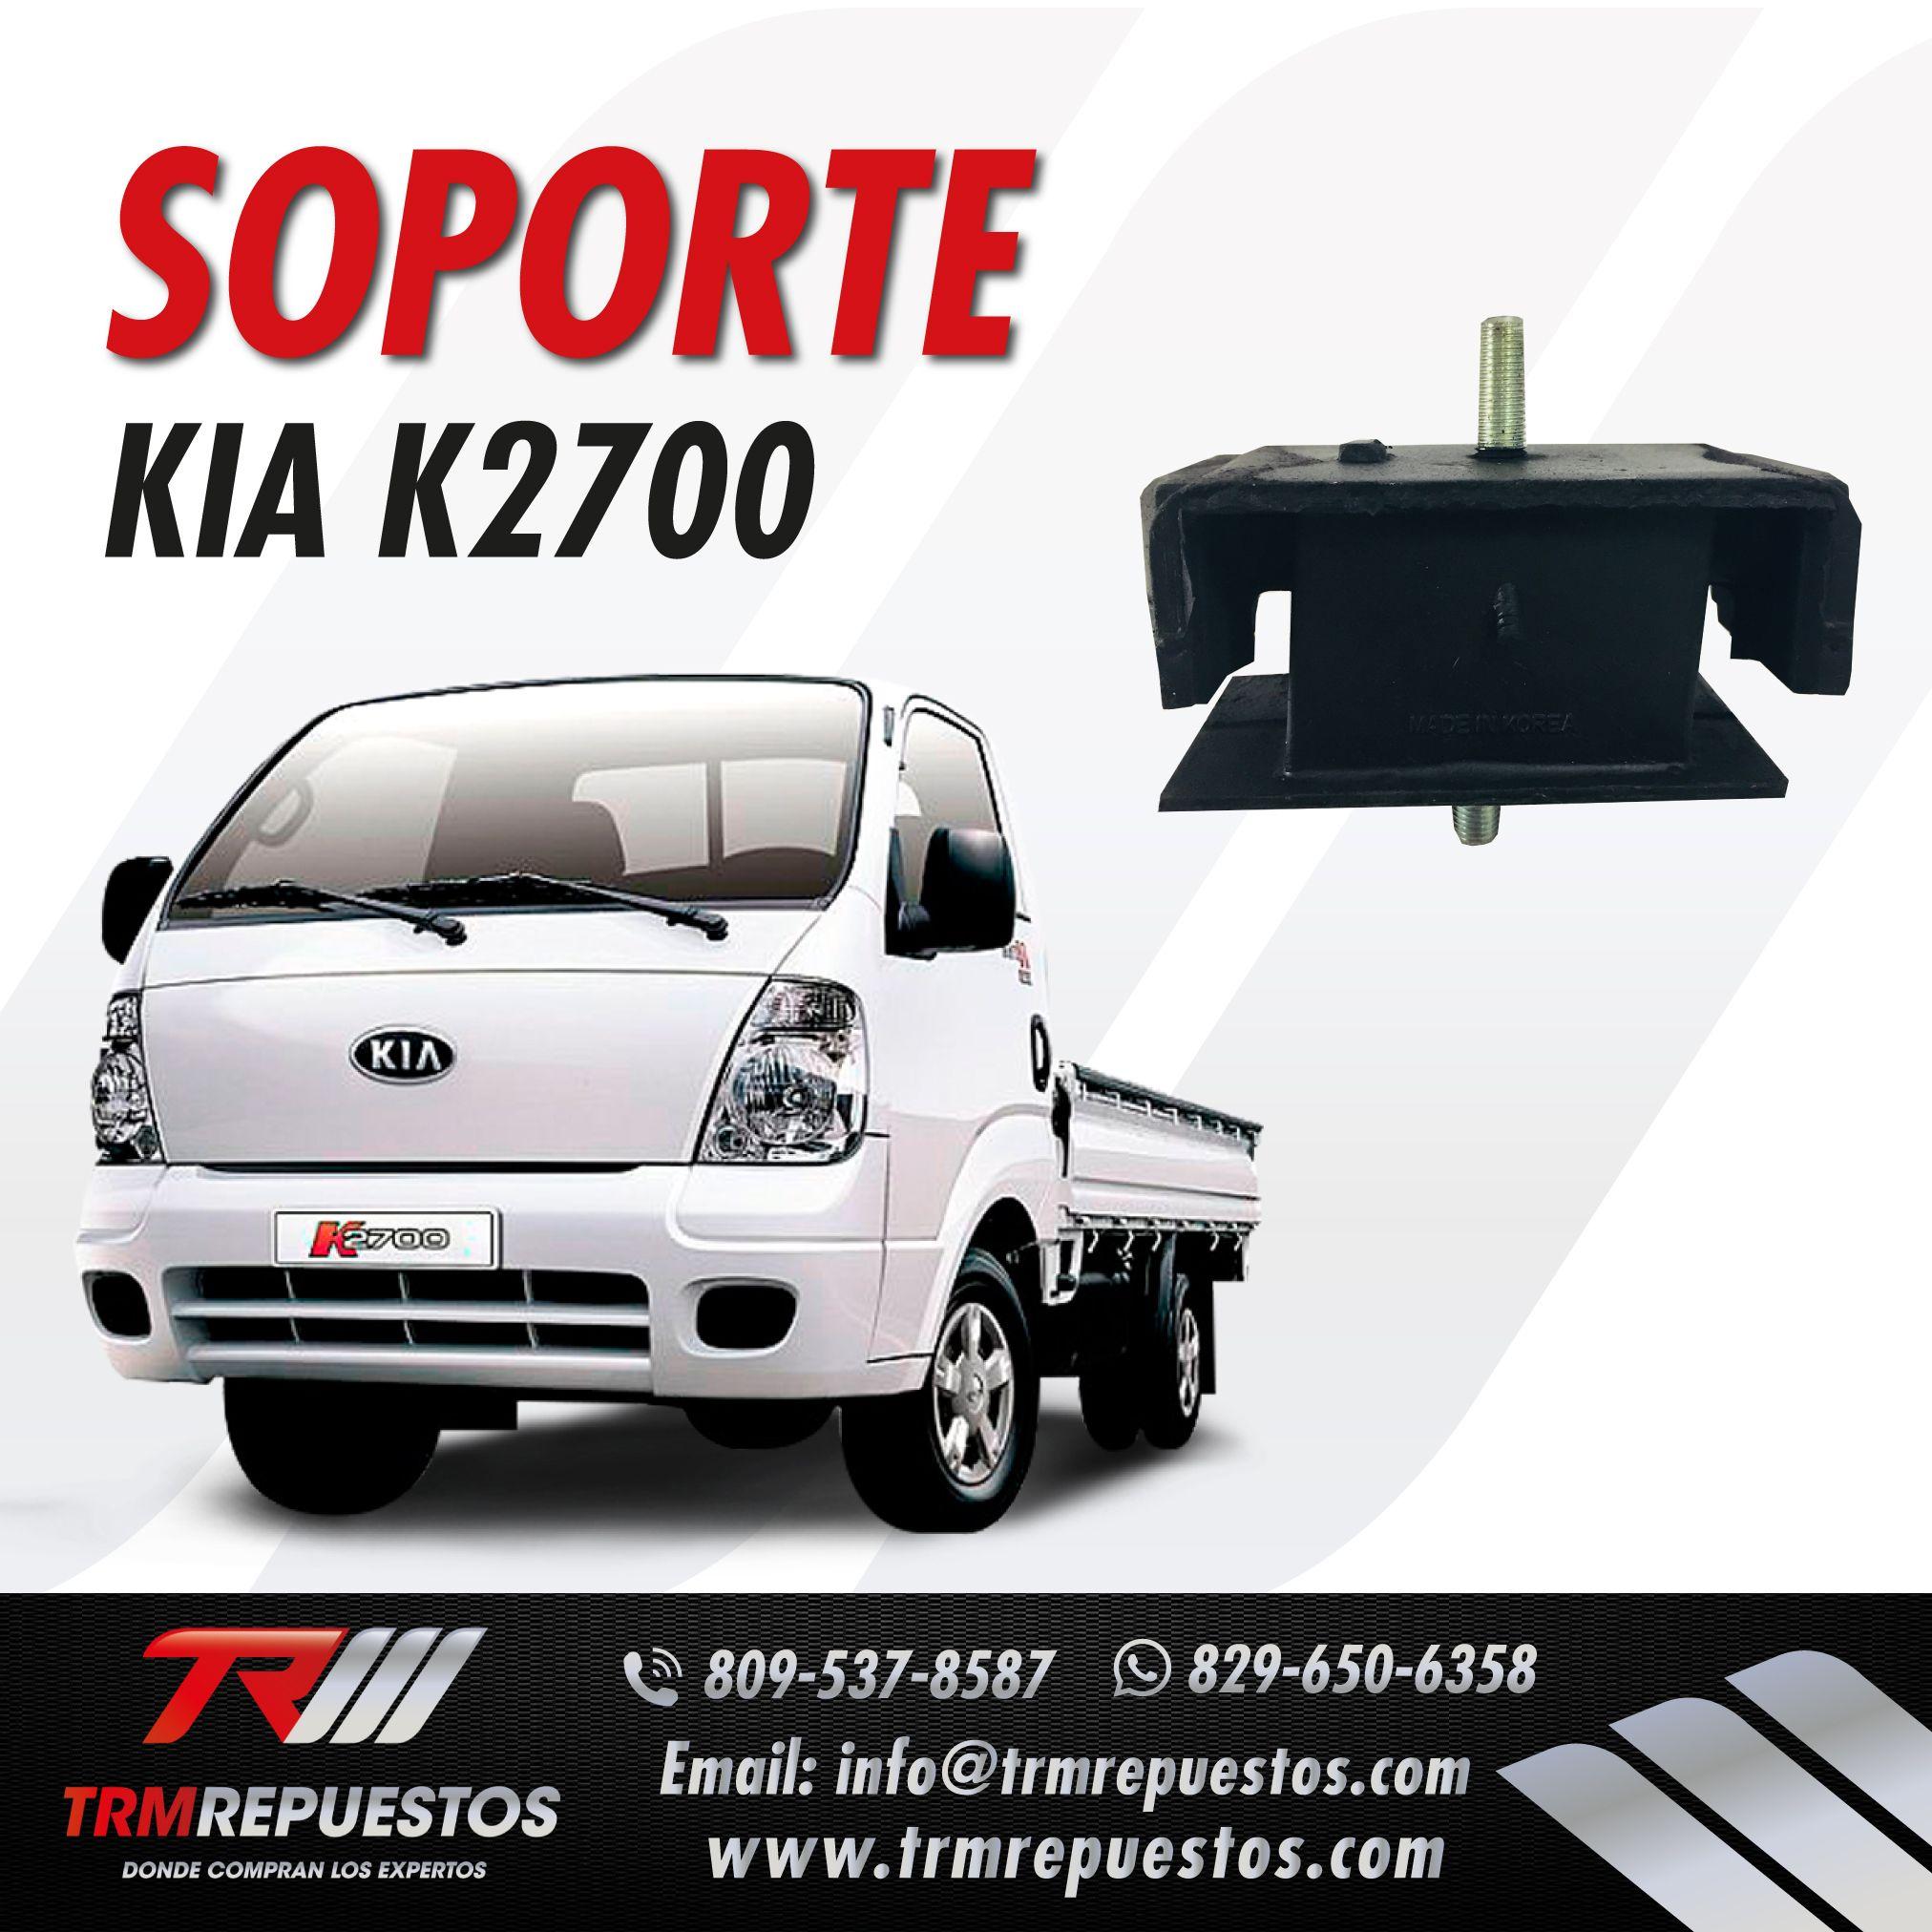 Soporte De Motor Kia K2700 Somos Trm Repuestos Srl Donde